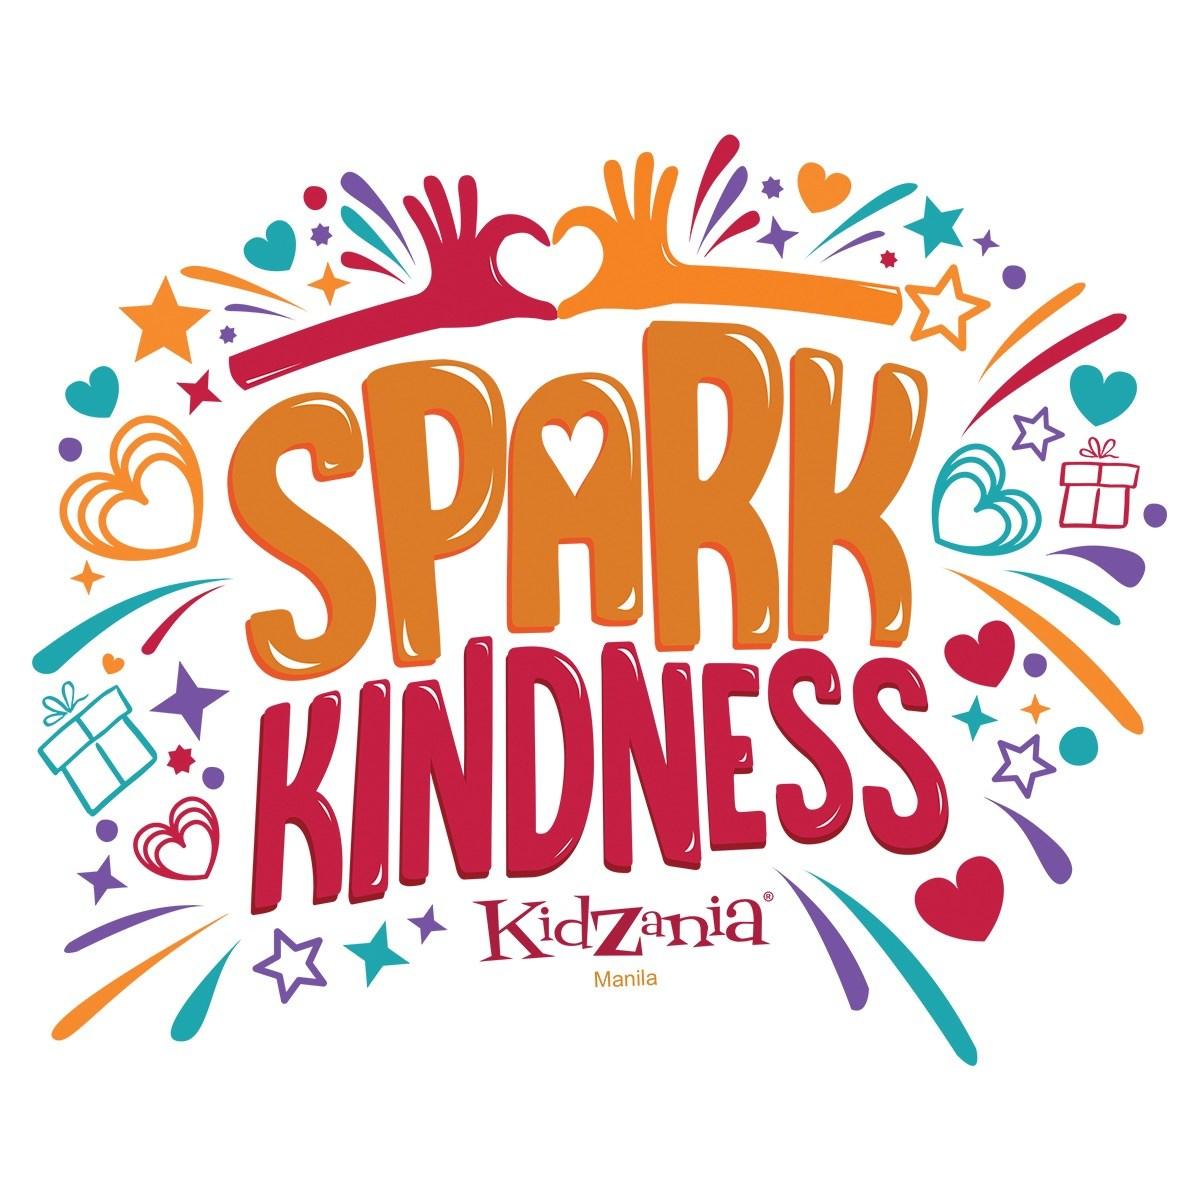 1200x1200 Kidzania Manila To Spark Kindness This Christmas